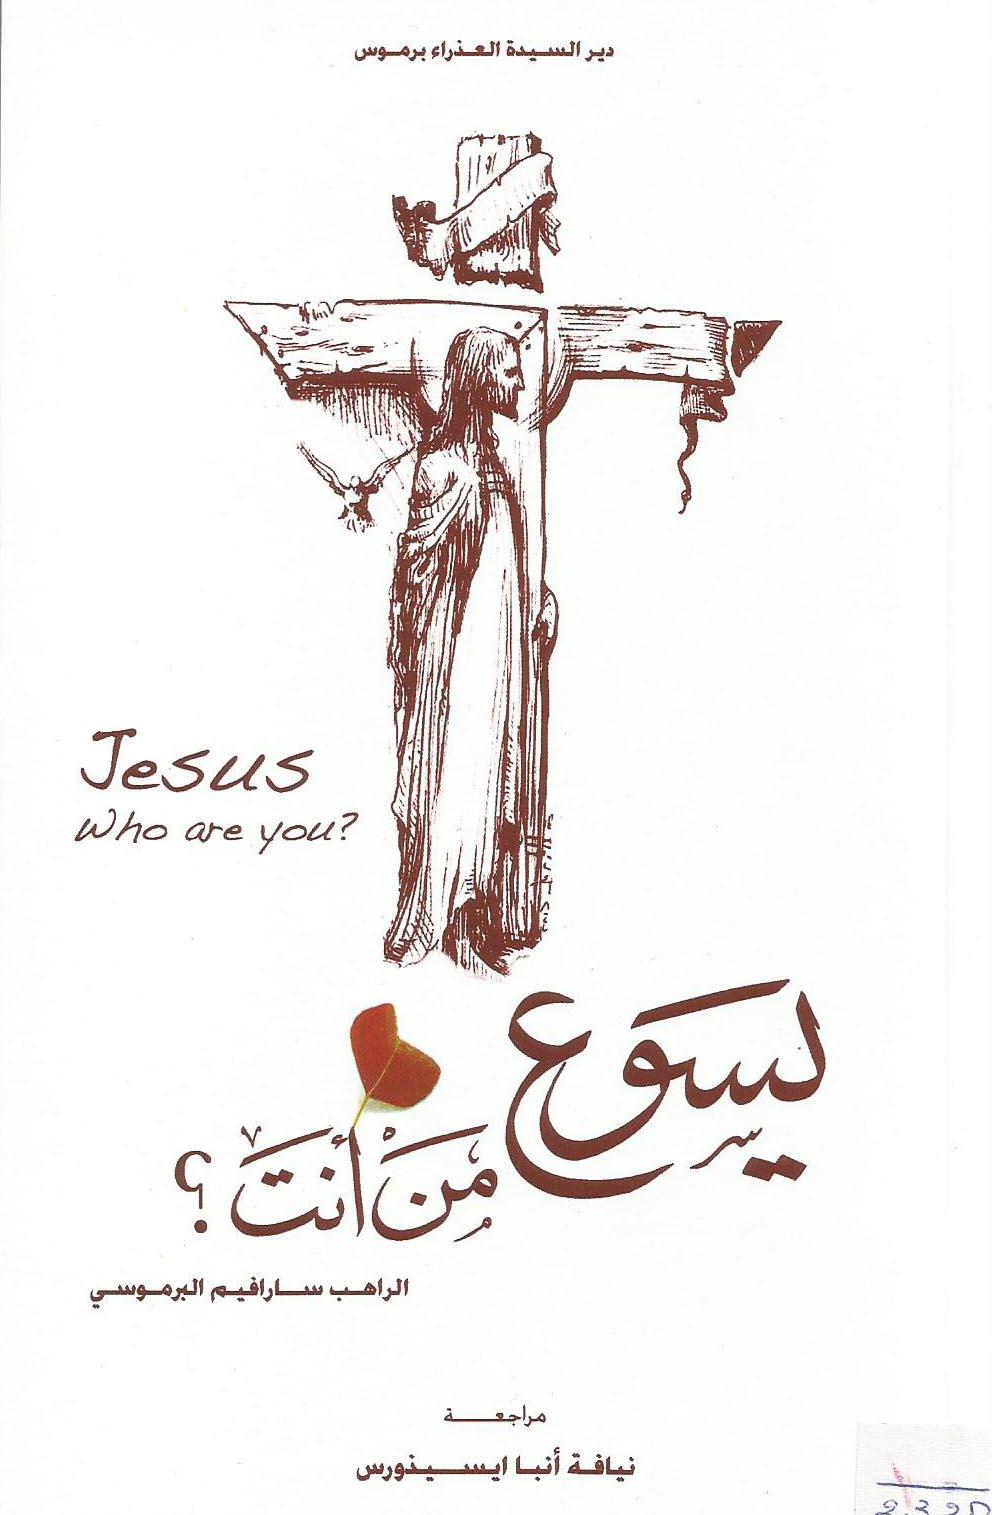 يسوع من انت؟